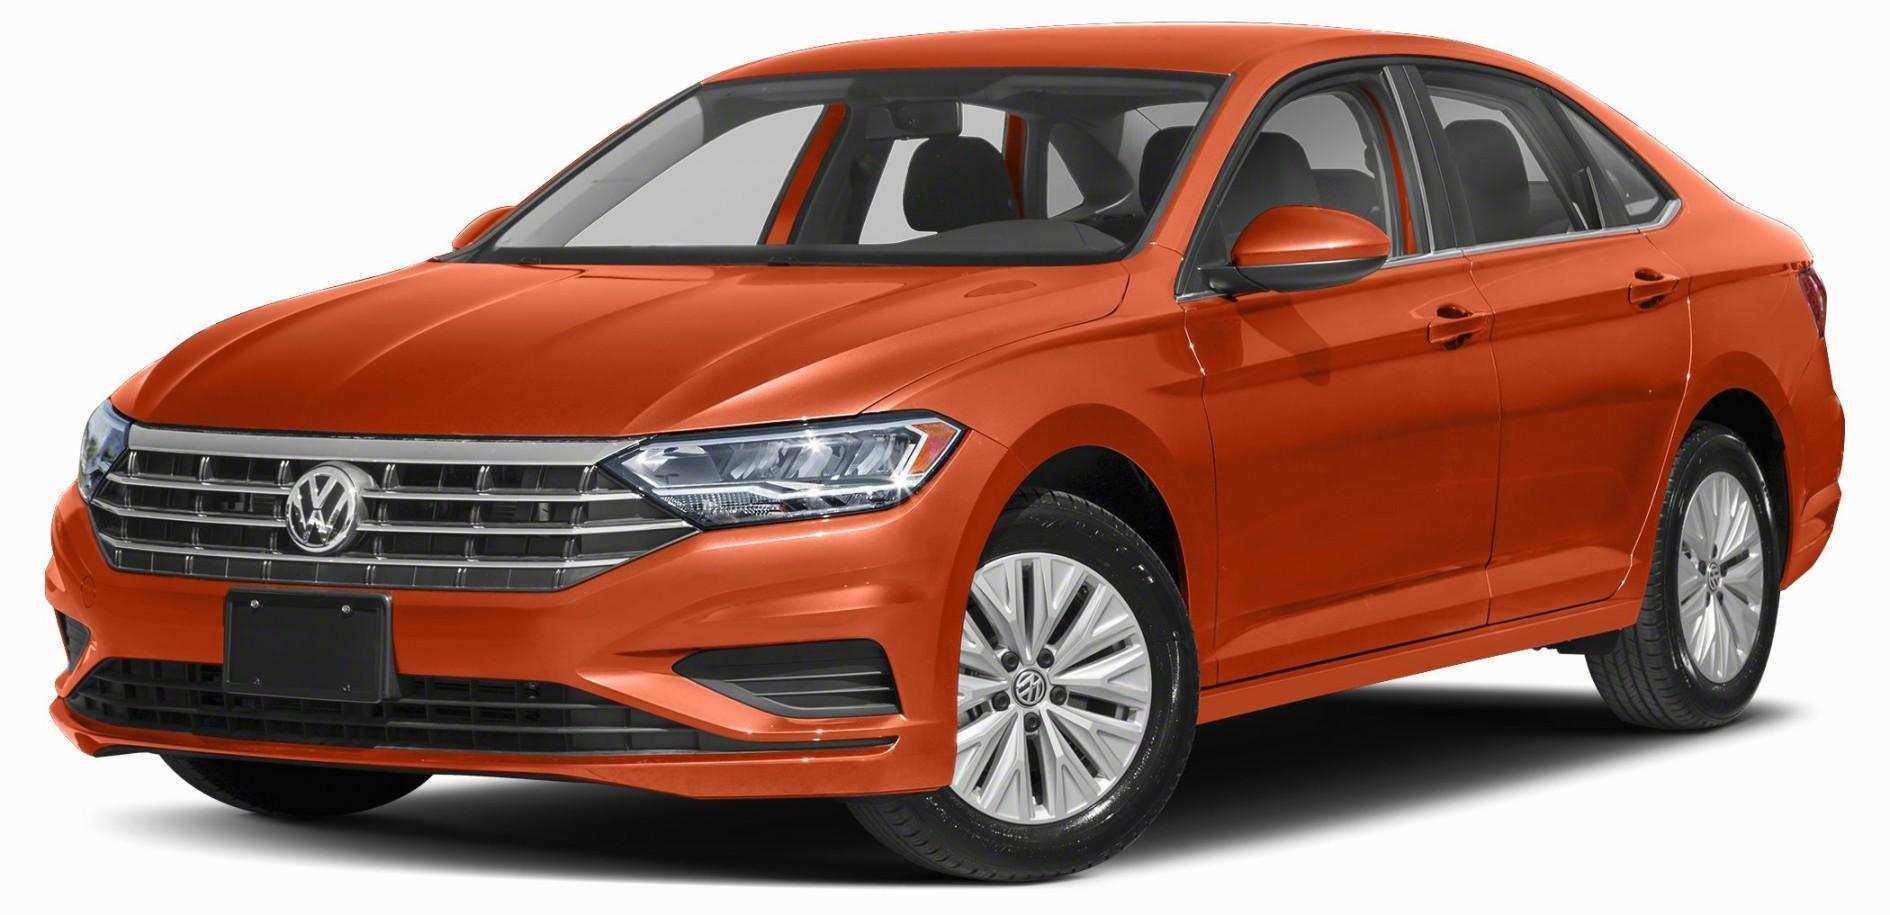 20 Concept of Volkswagen 2019 Colombia Specs by Volkswagen 2019 Colombia